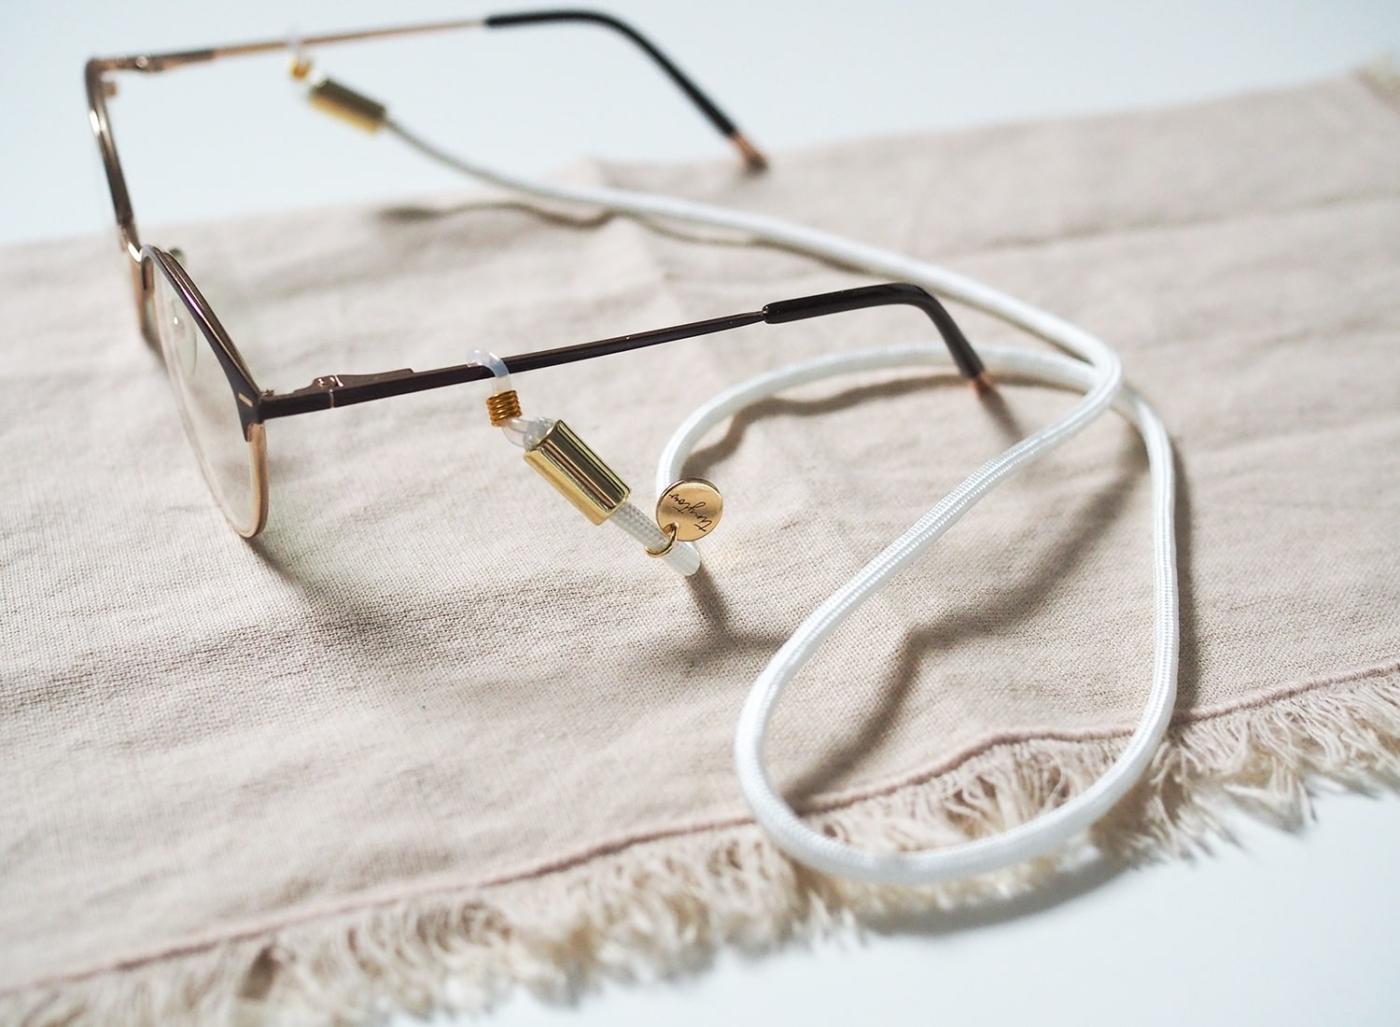 Brillenband in weiß mit goldenen Details an Alltagsbrille.